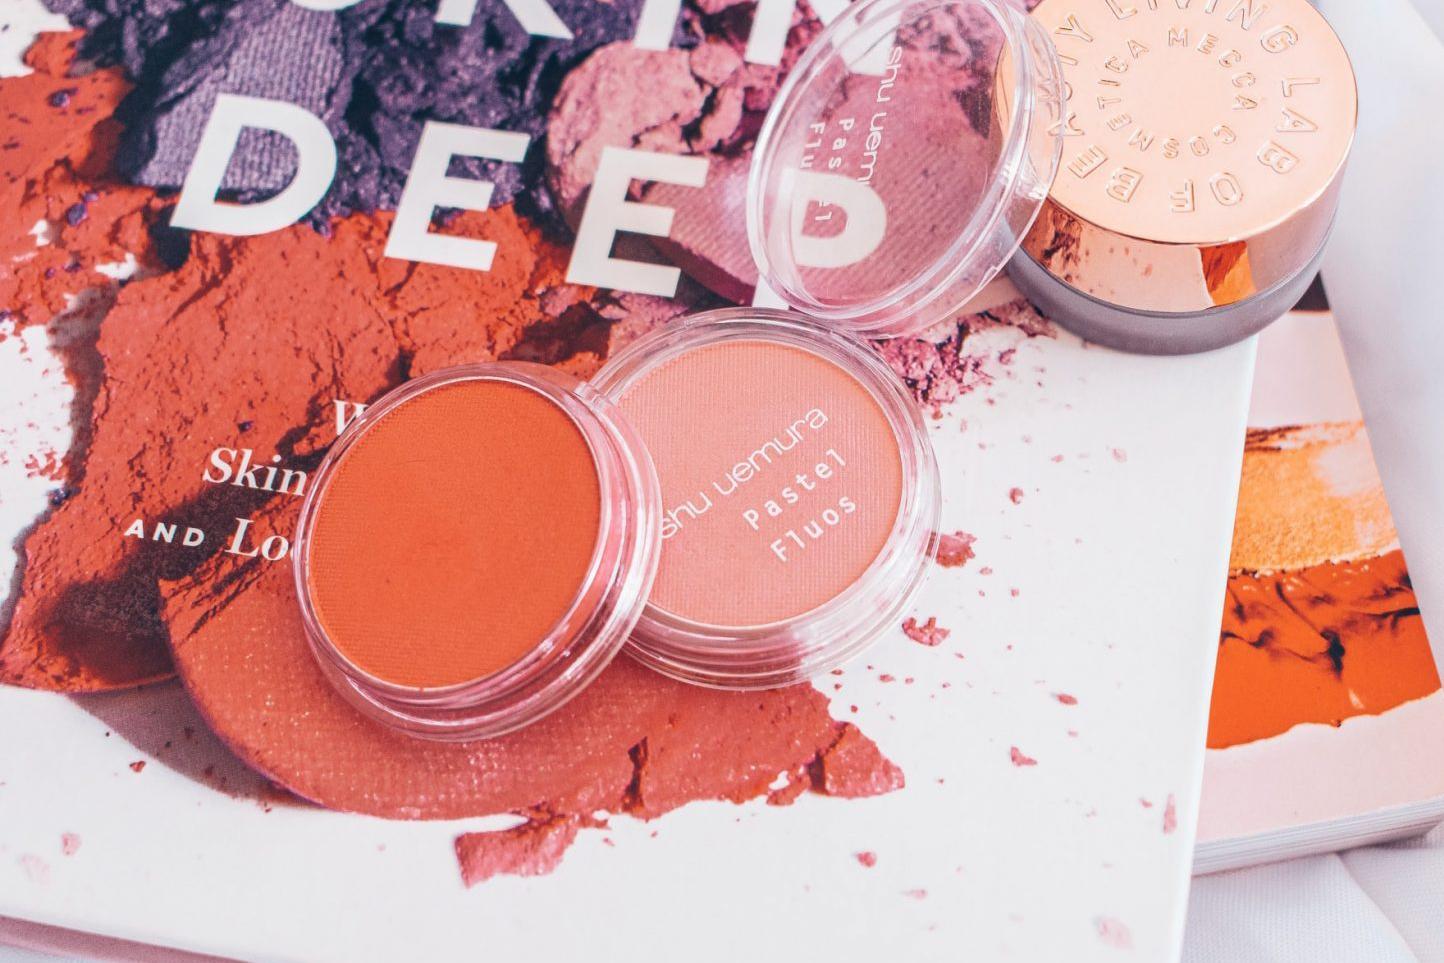 疫情下代购产业式微,海外化妆品品牌如何趁势发力中国市场?